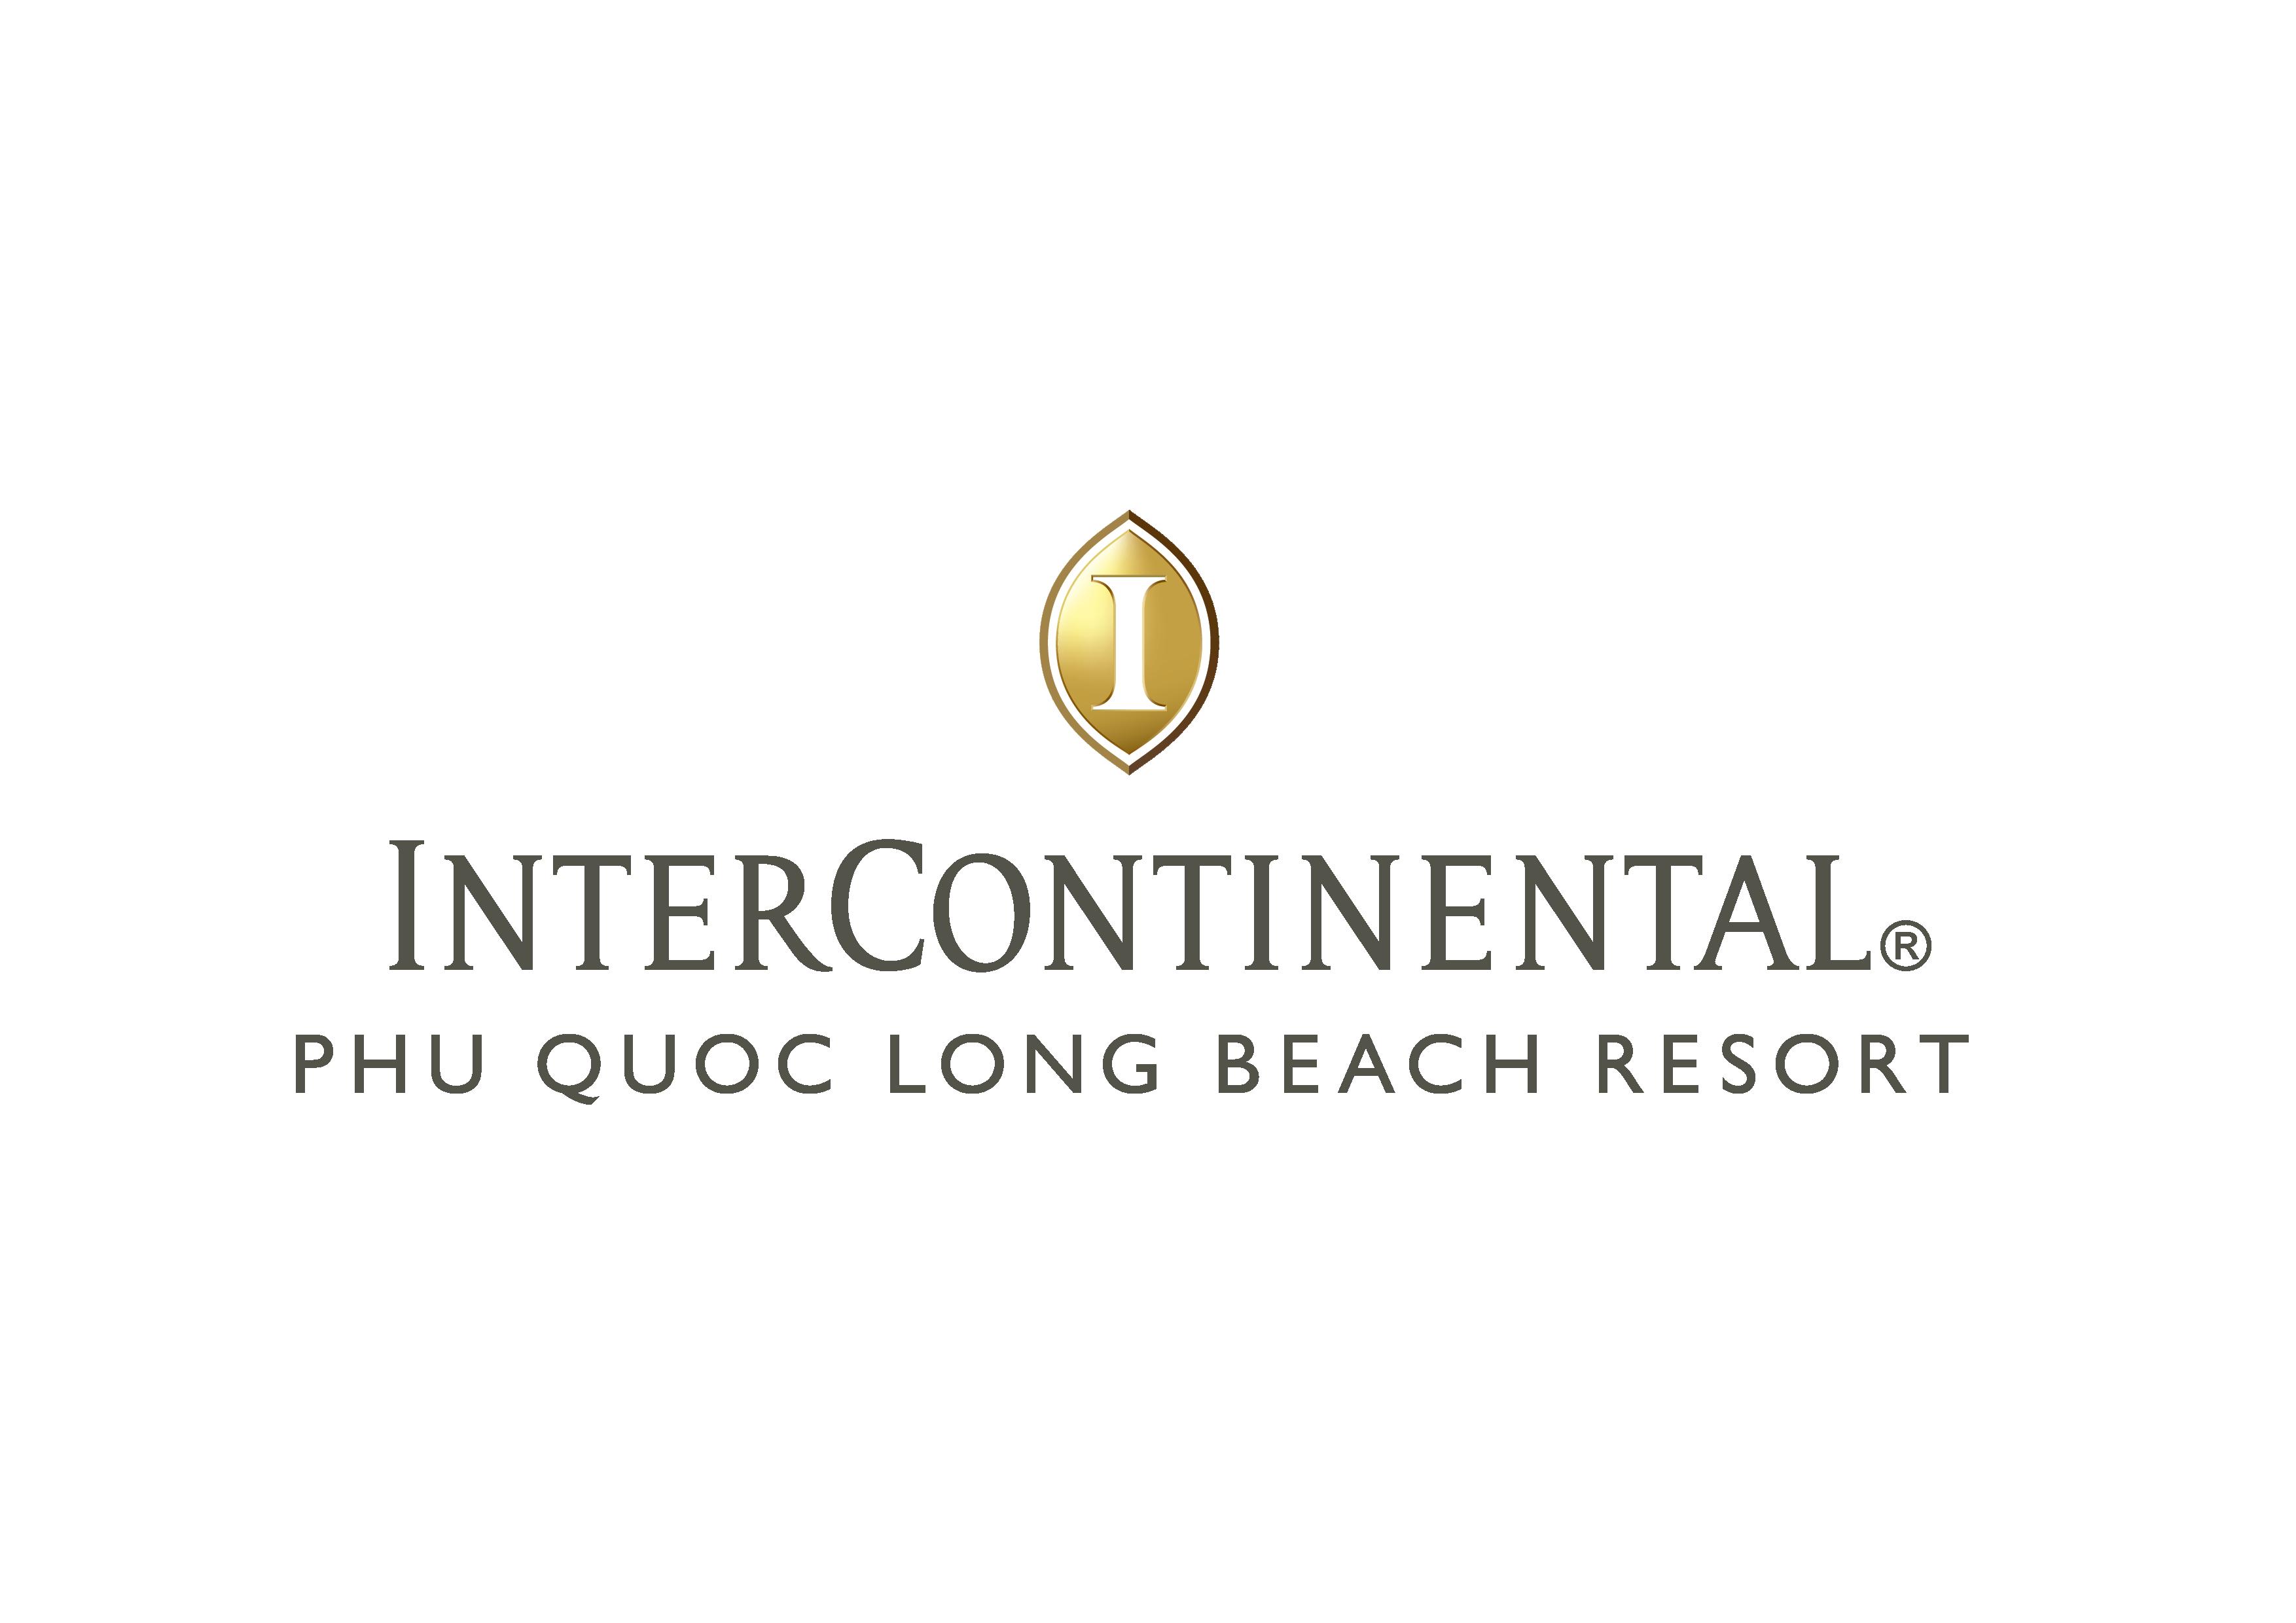 InterContinental Phu Quoc Long Beach Resort - Công Ty Cổ Phần Bất Động Sản Syrena Phú Quốc